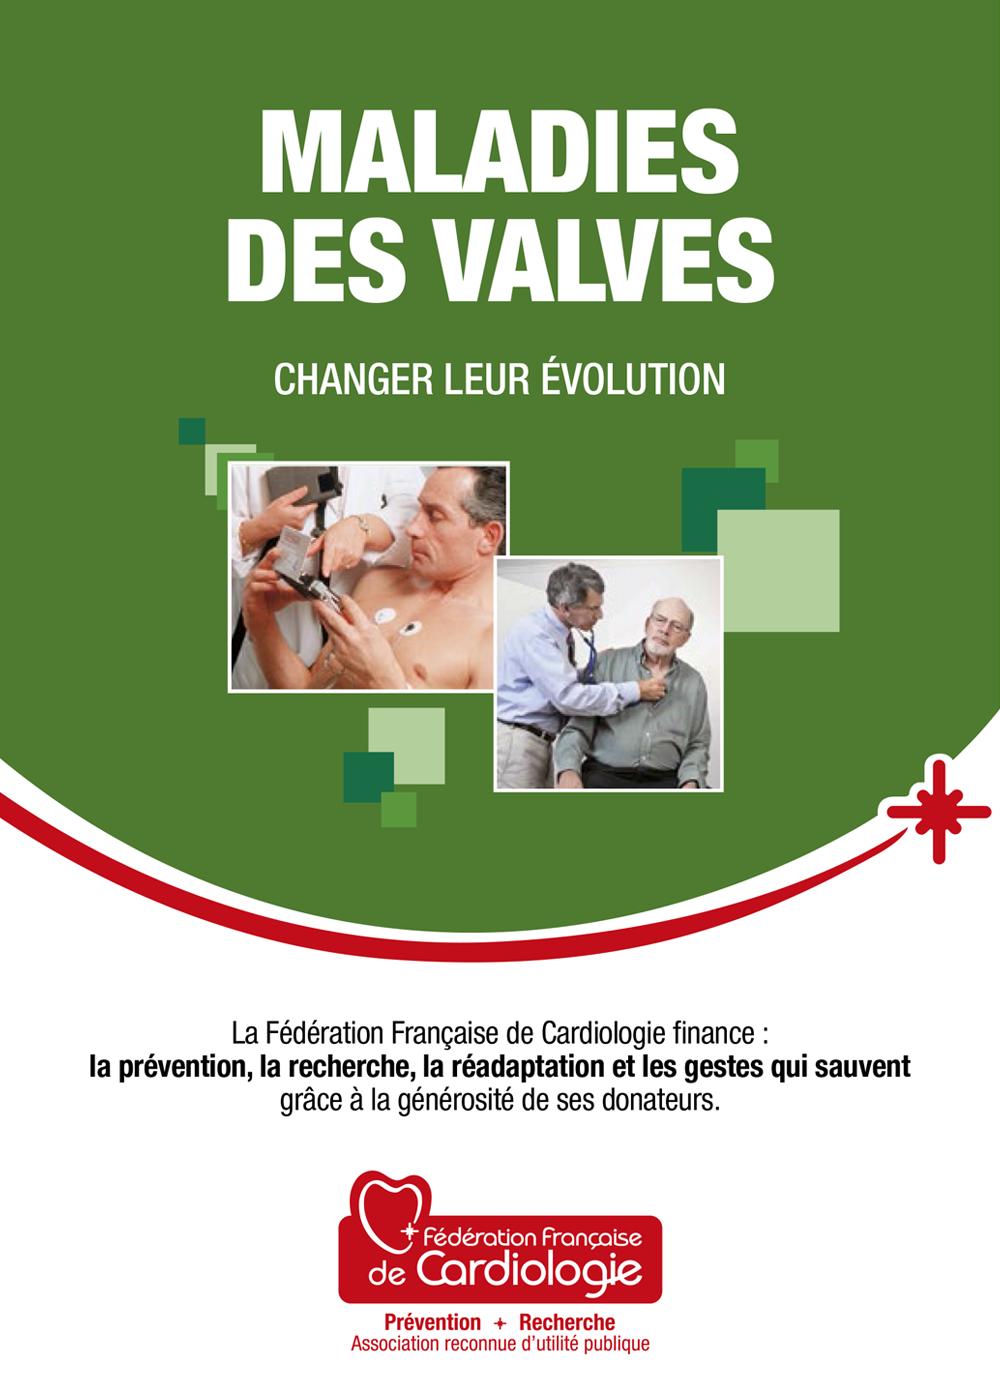 Maladies des valves